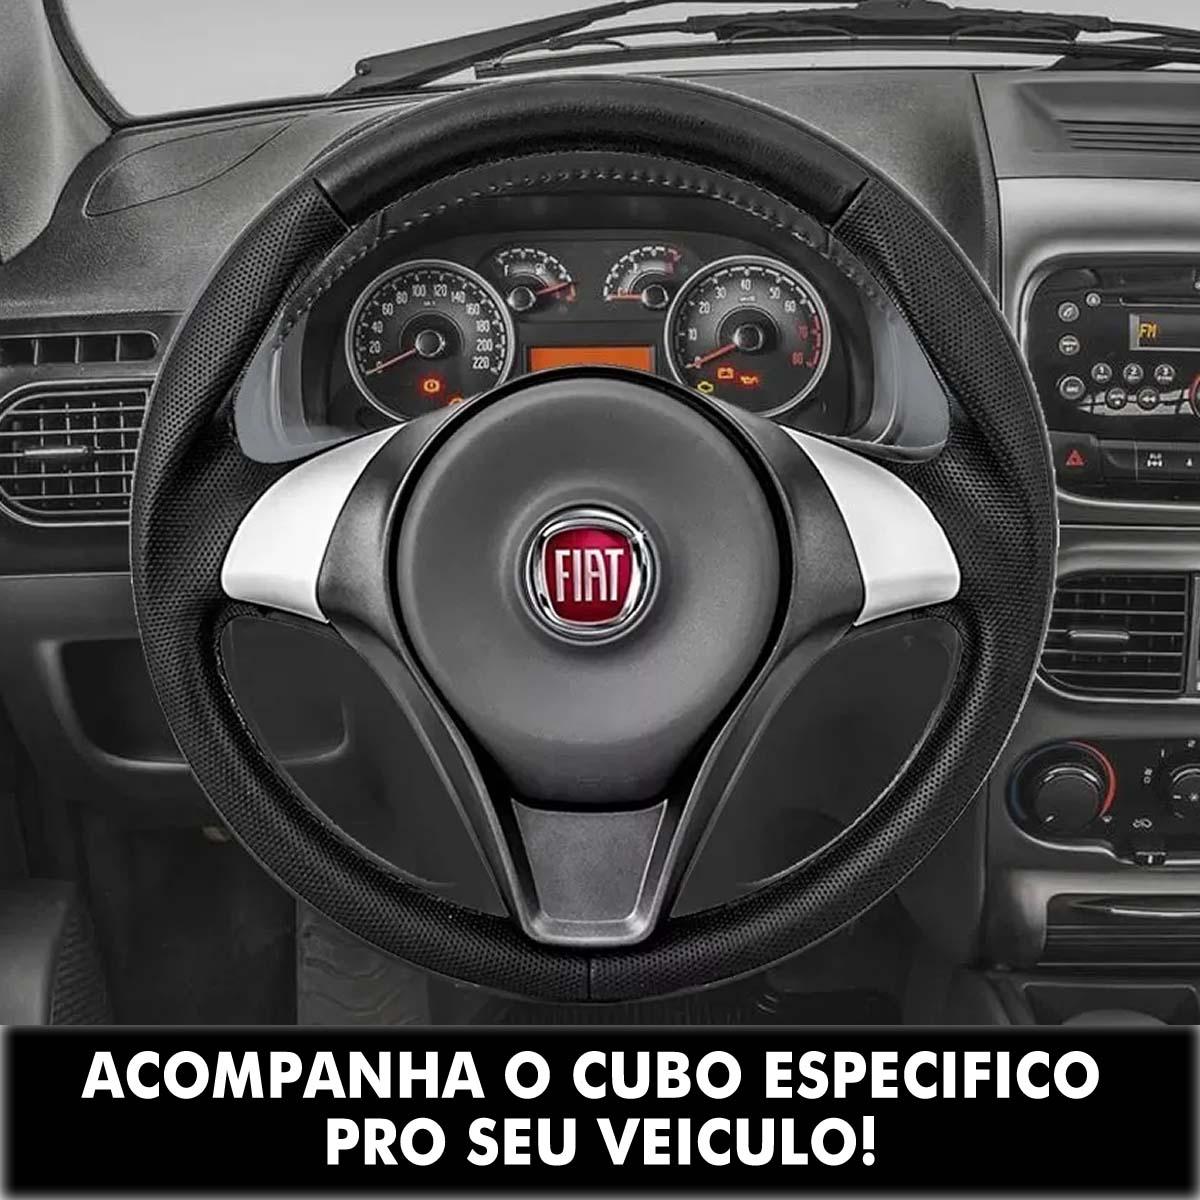 Volante Fiat Palio Sporting Esportivo Cubo Palio Uno 1983 a 2013 Siena Strada Punto Stilo Idea Poliparts